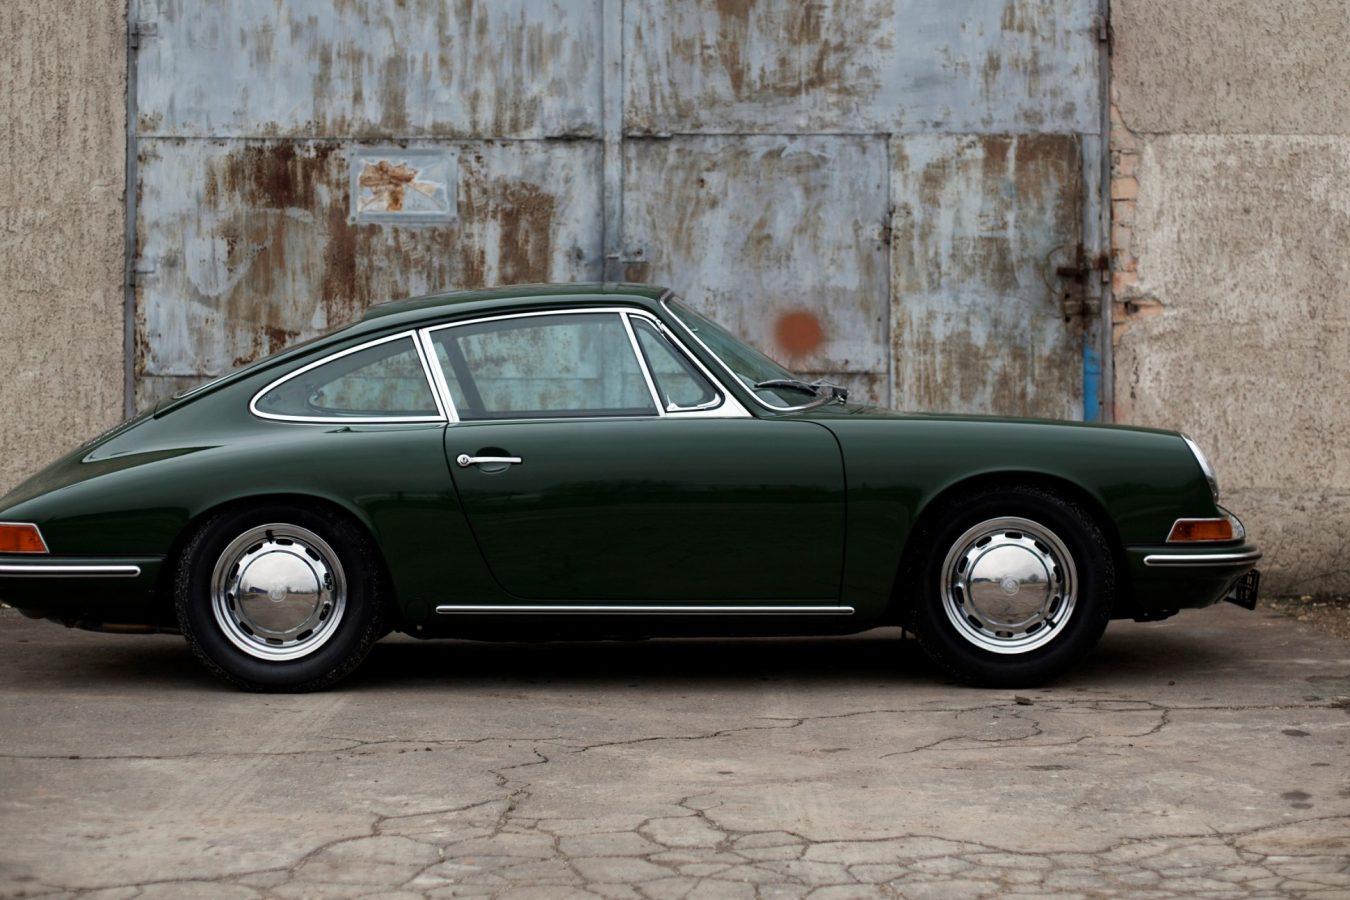 Grüner Porsche 911 SWB von der Seite